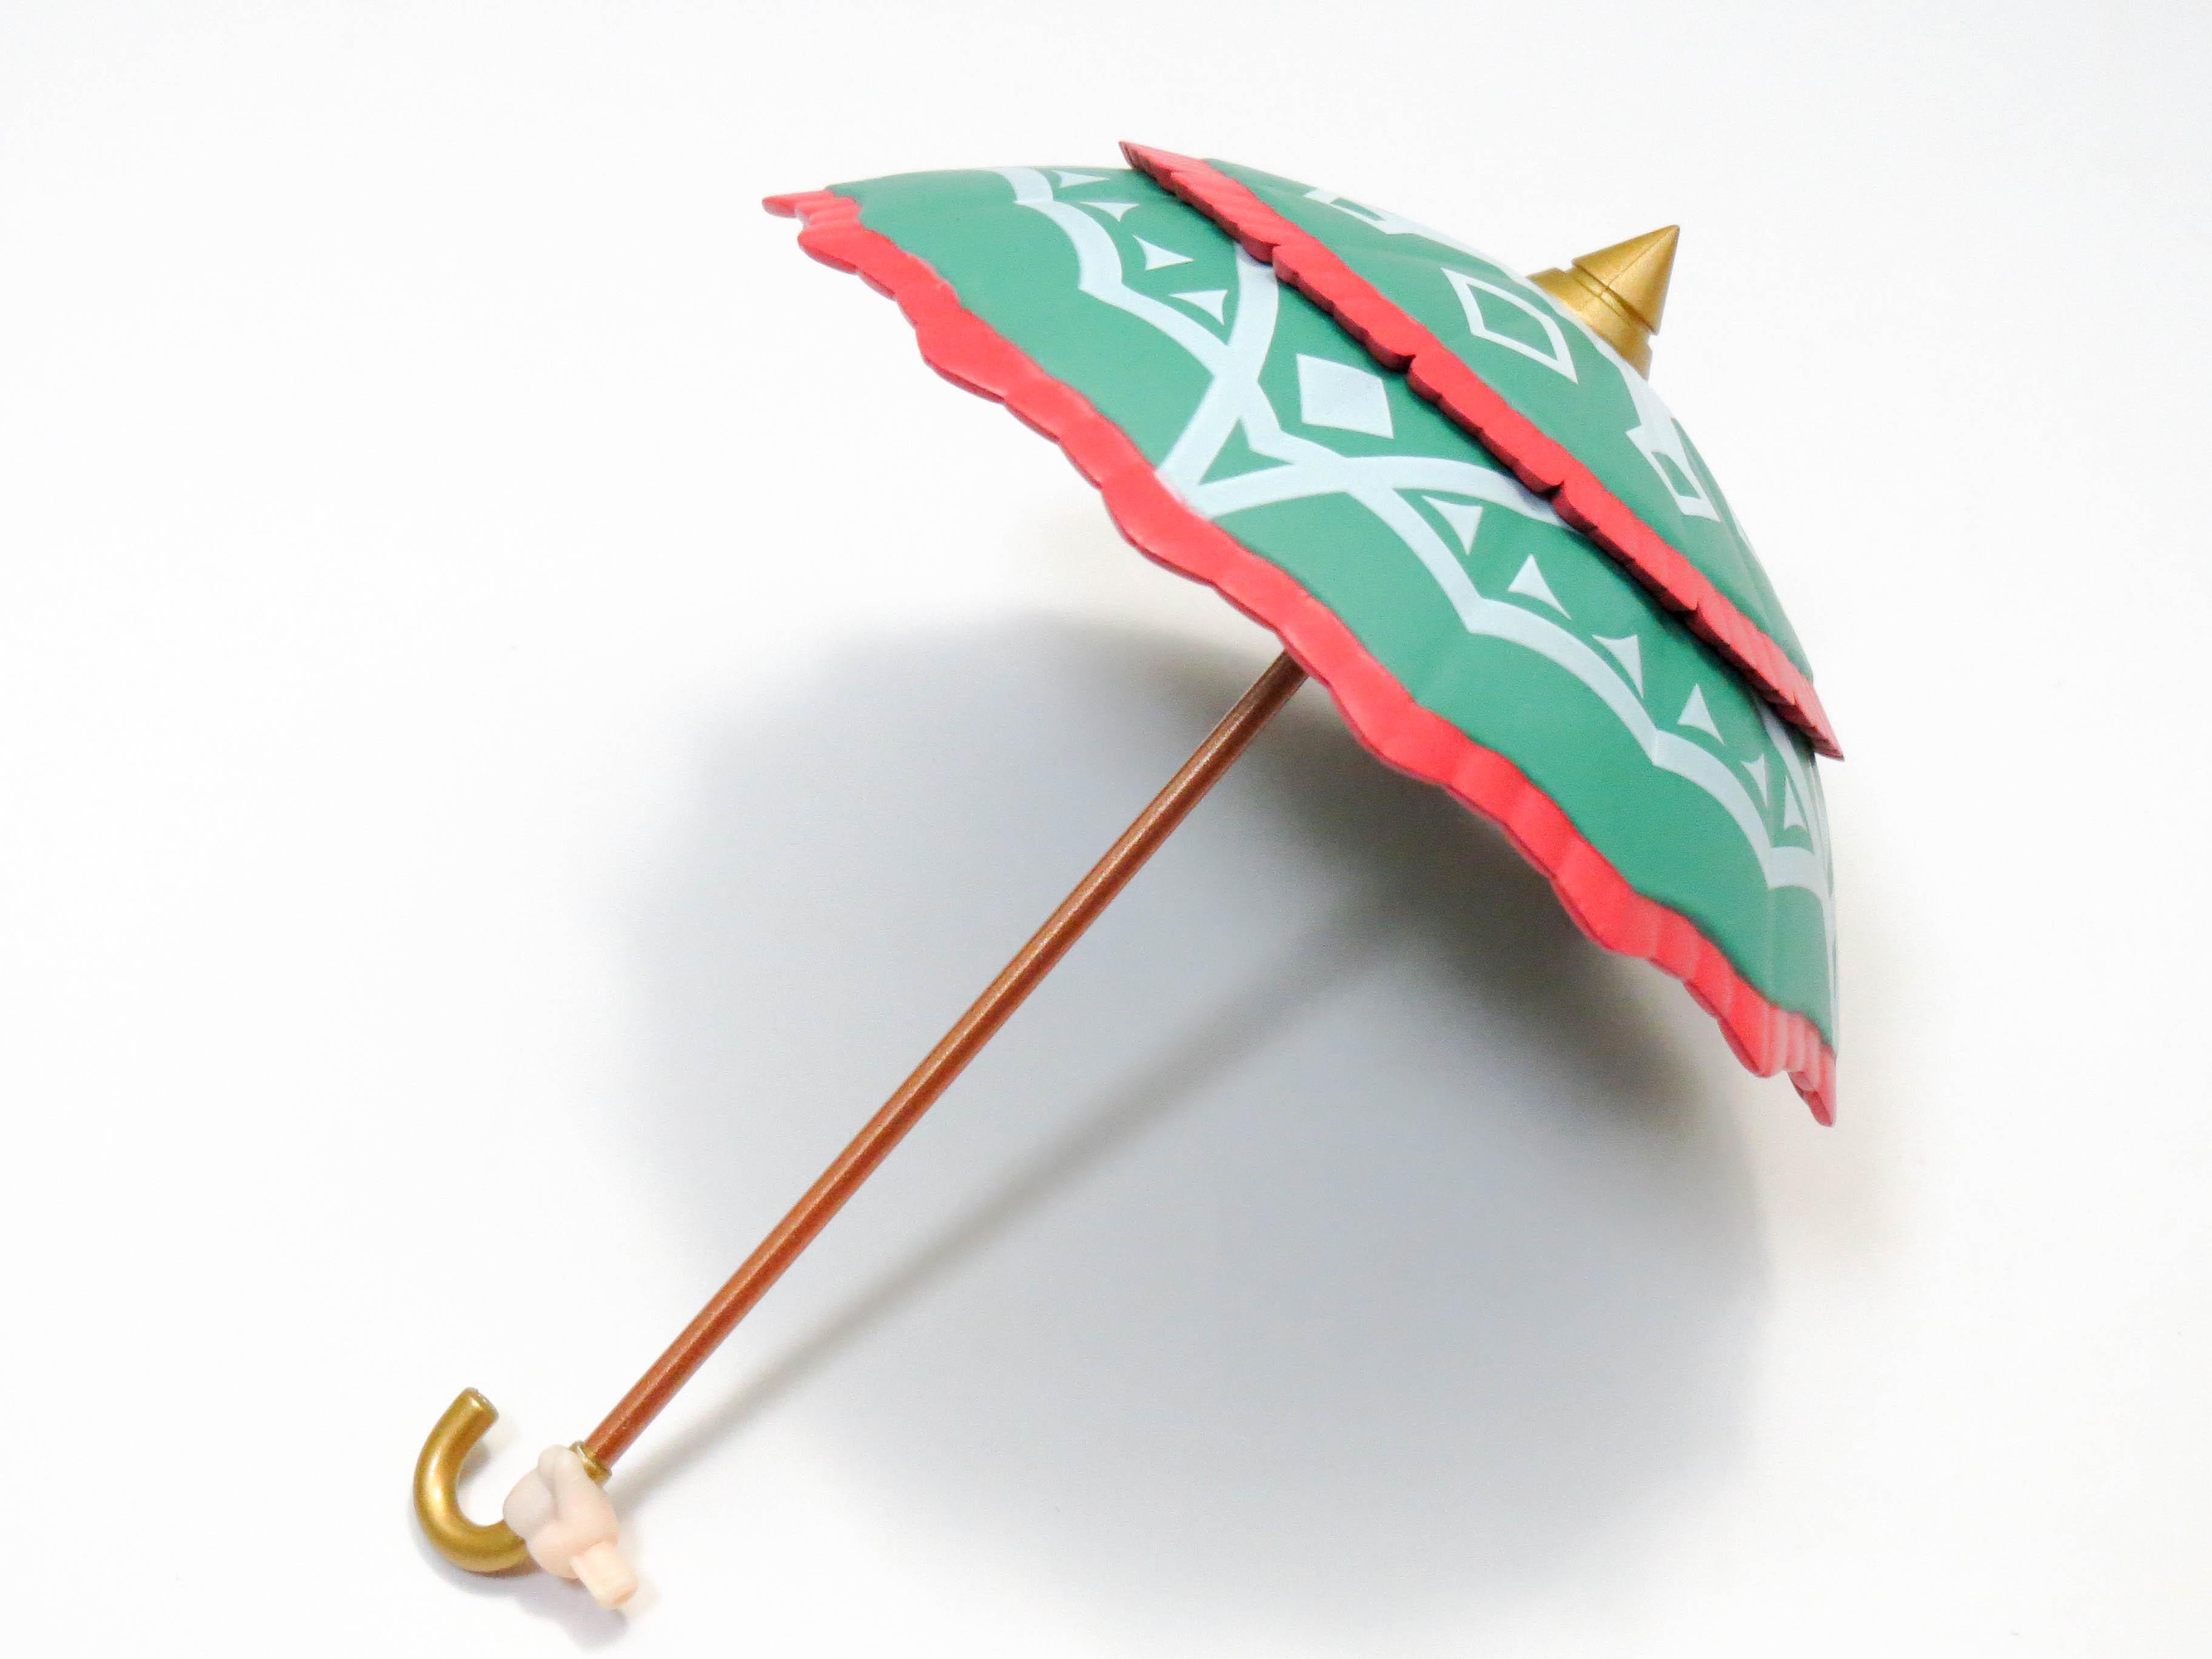 再入荷【439】 G級受付嬢 カトレア 小物パーツ 傘 ねんどろいど